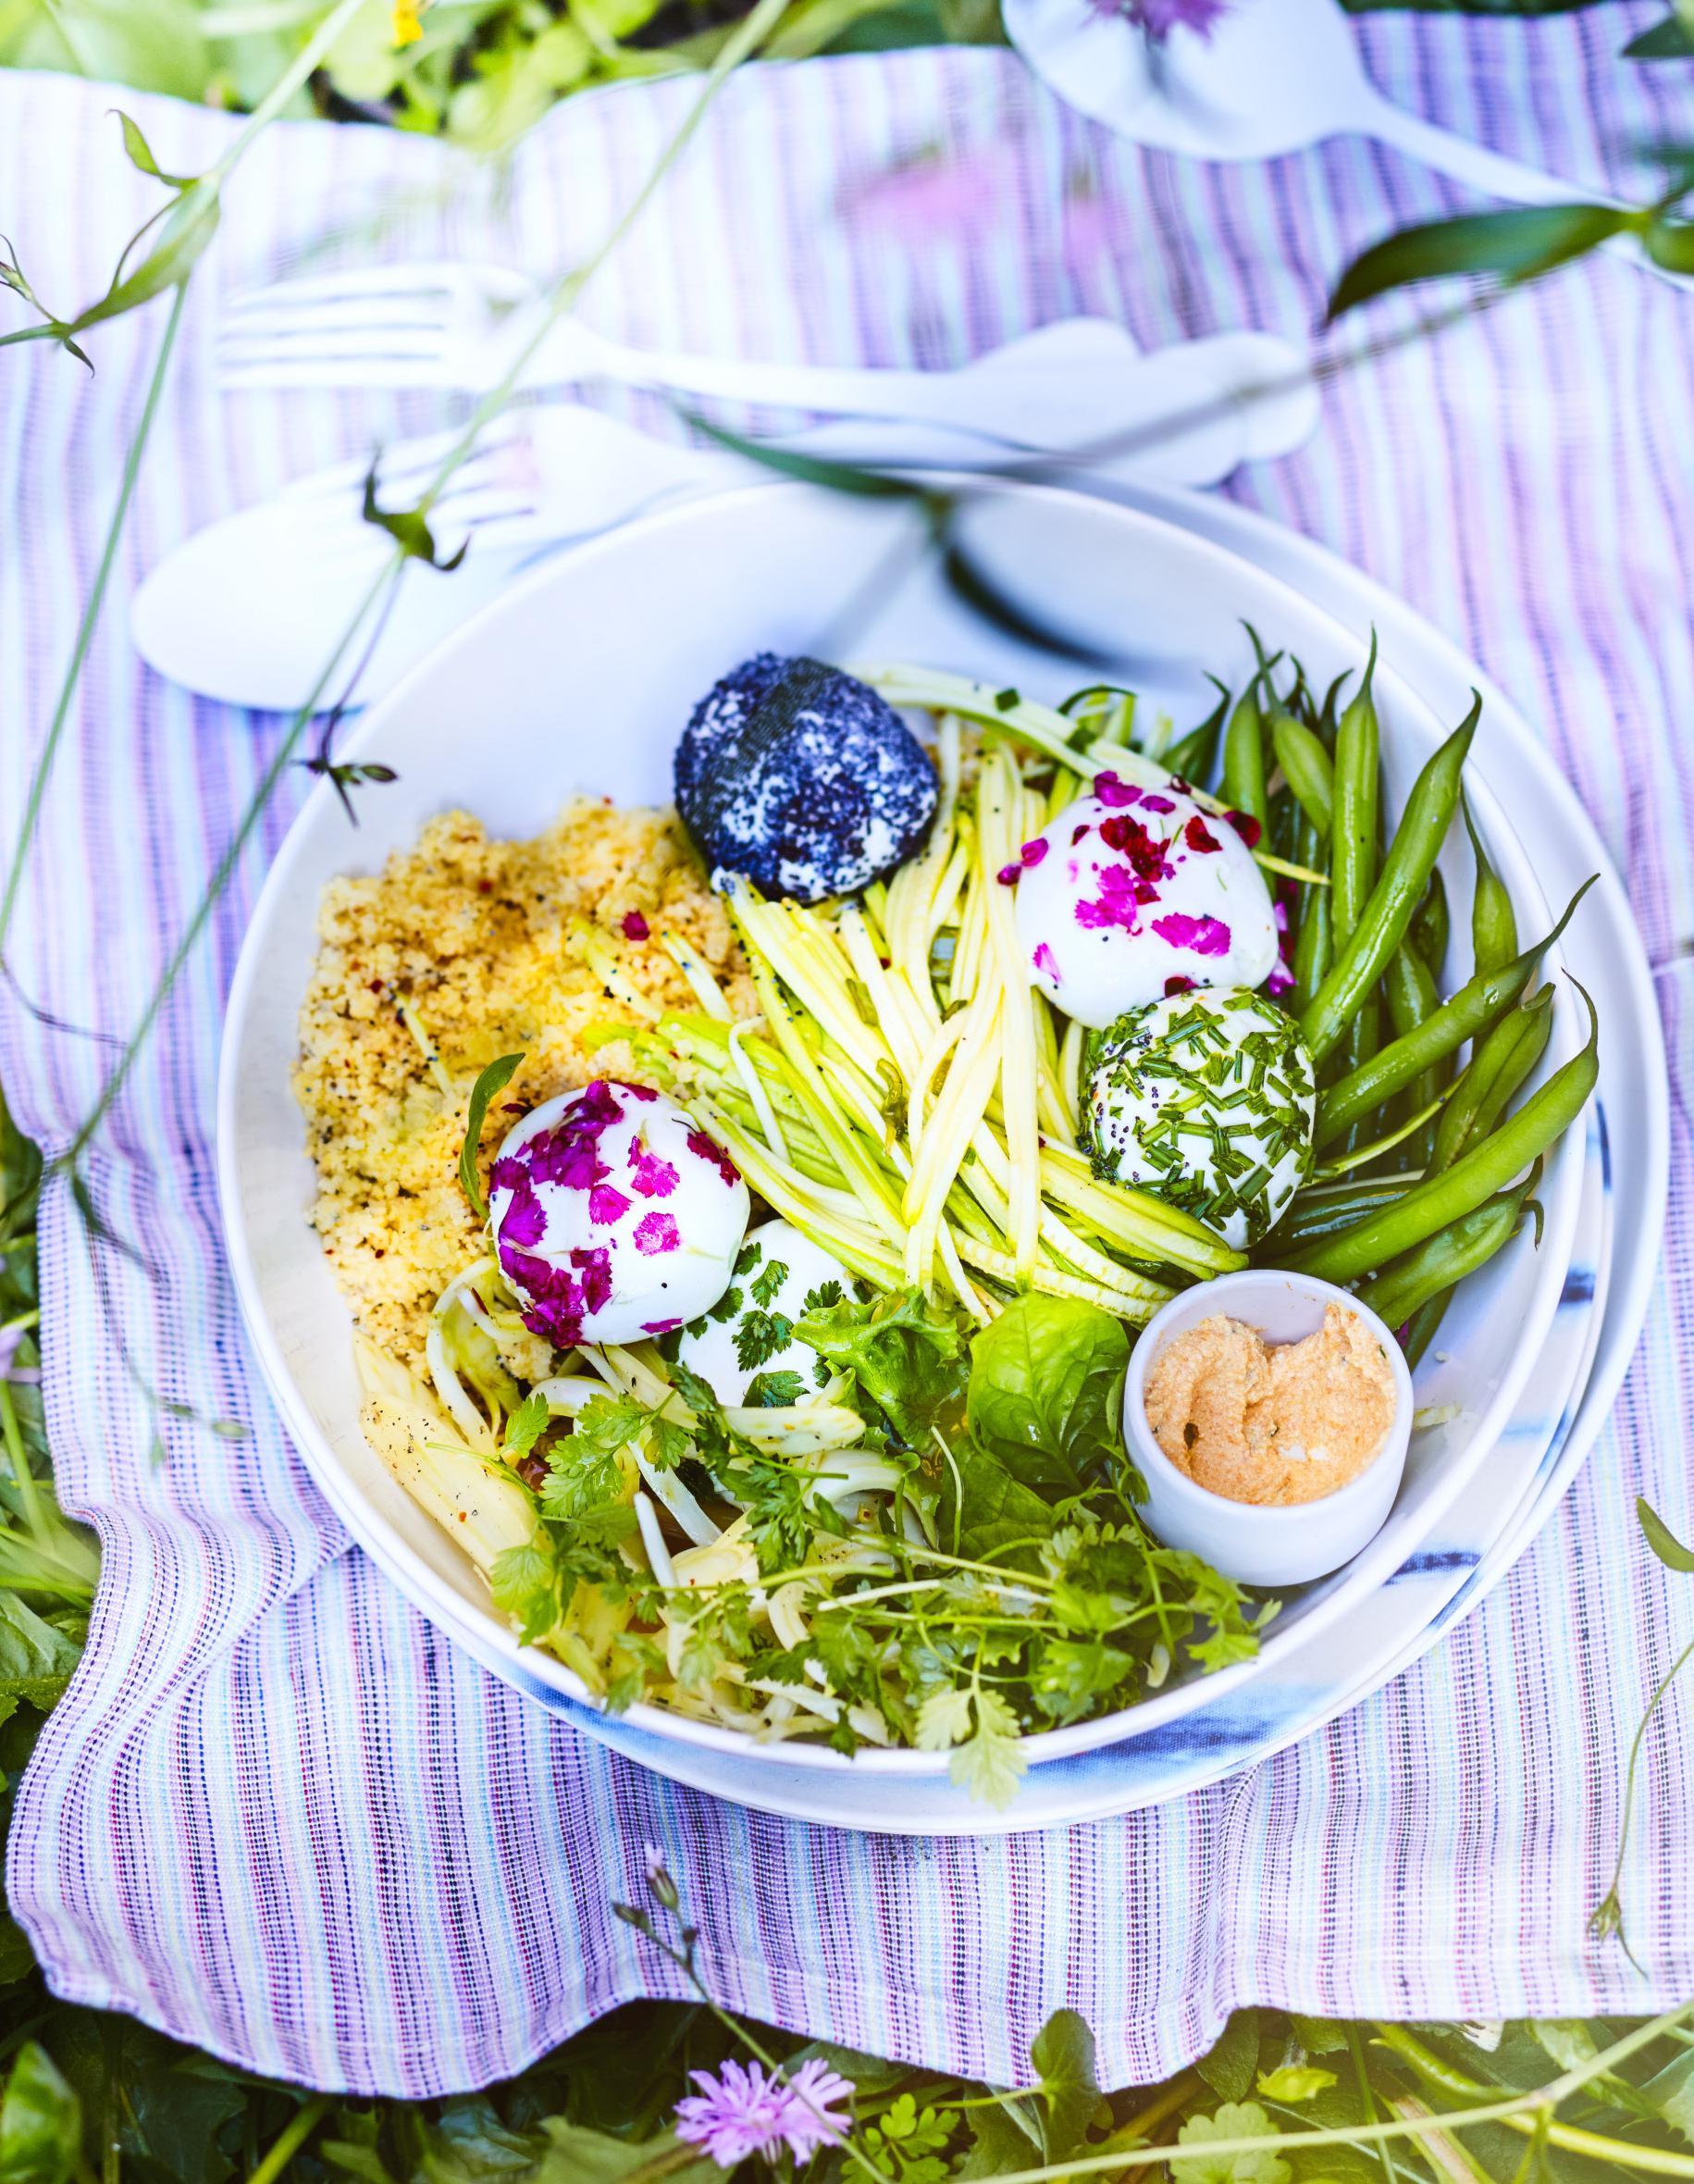 Salade veggie haricots verts et mozzarella pour 6 - Cuisine simple et saine ...